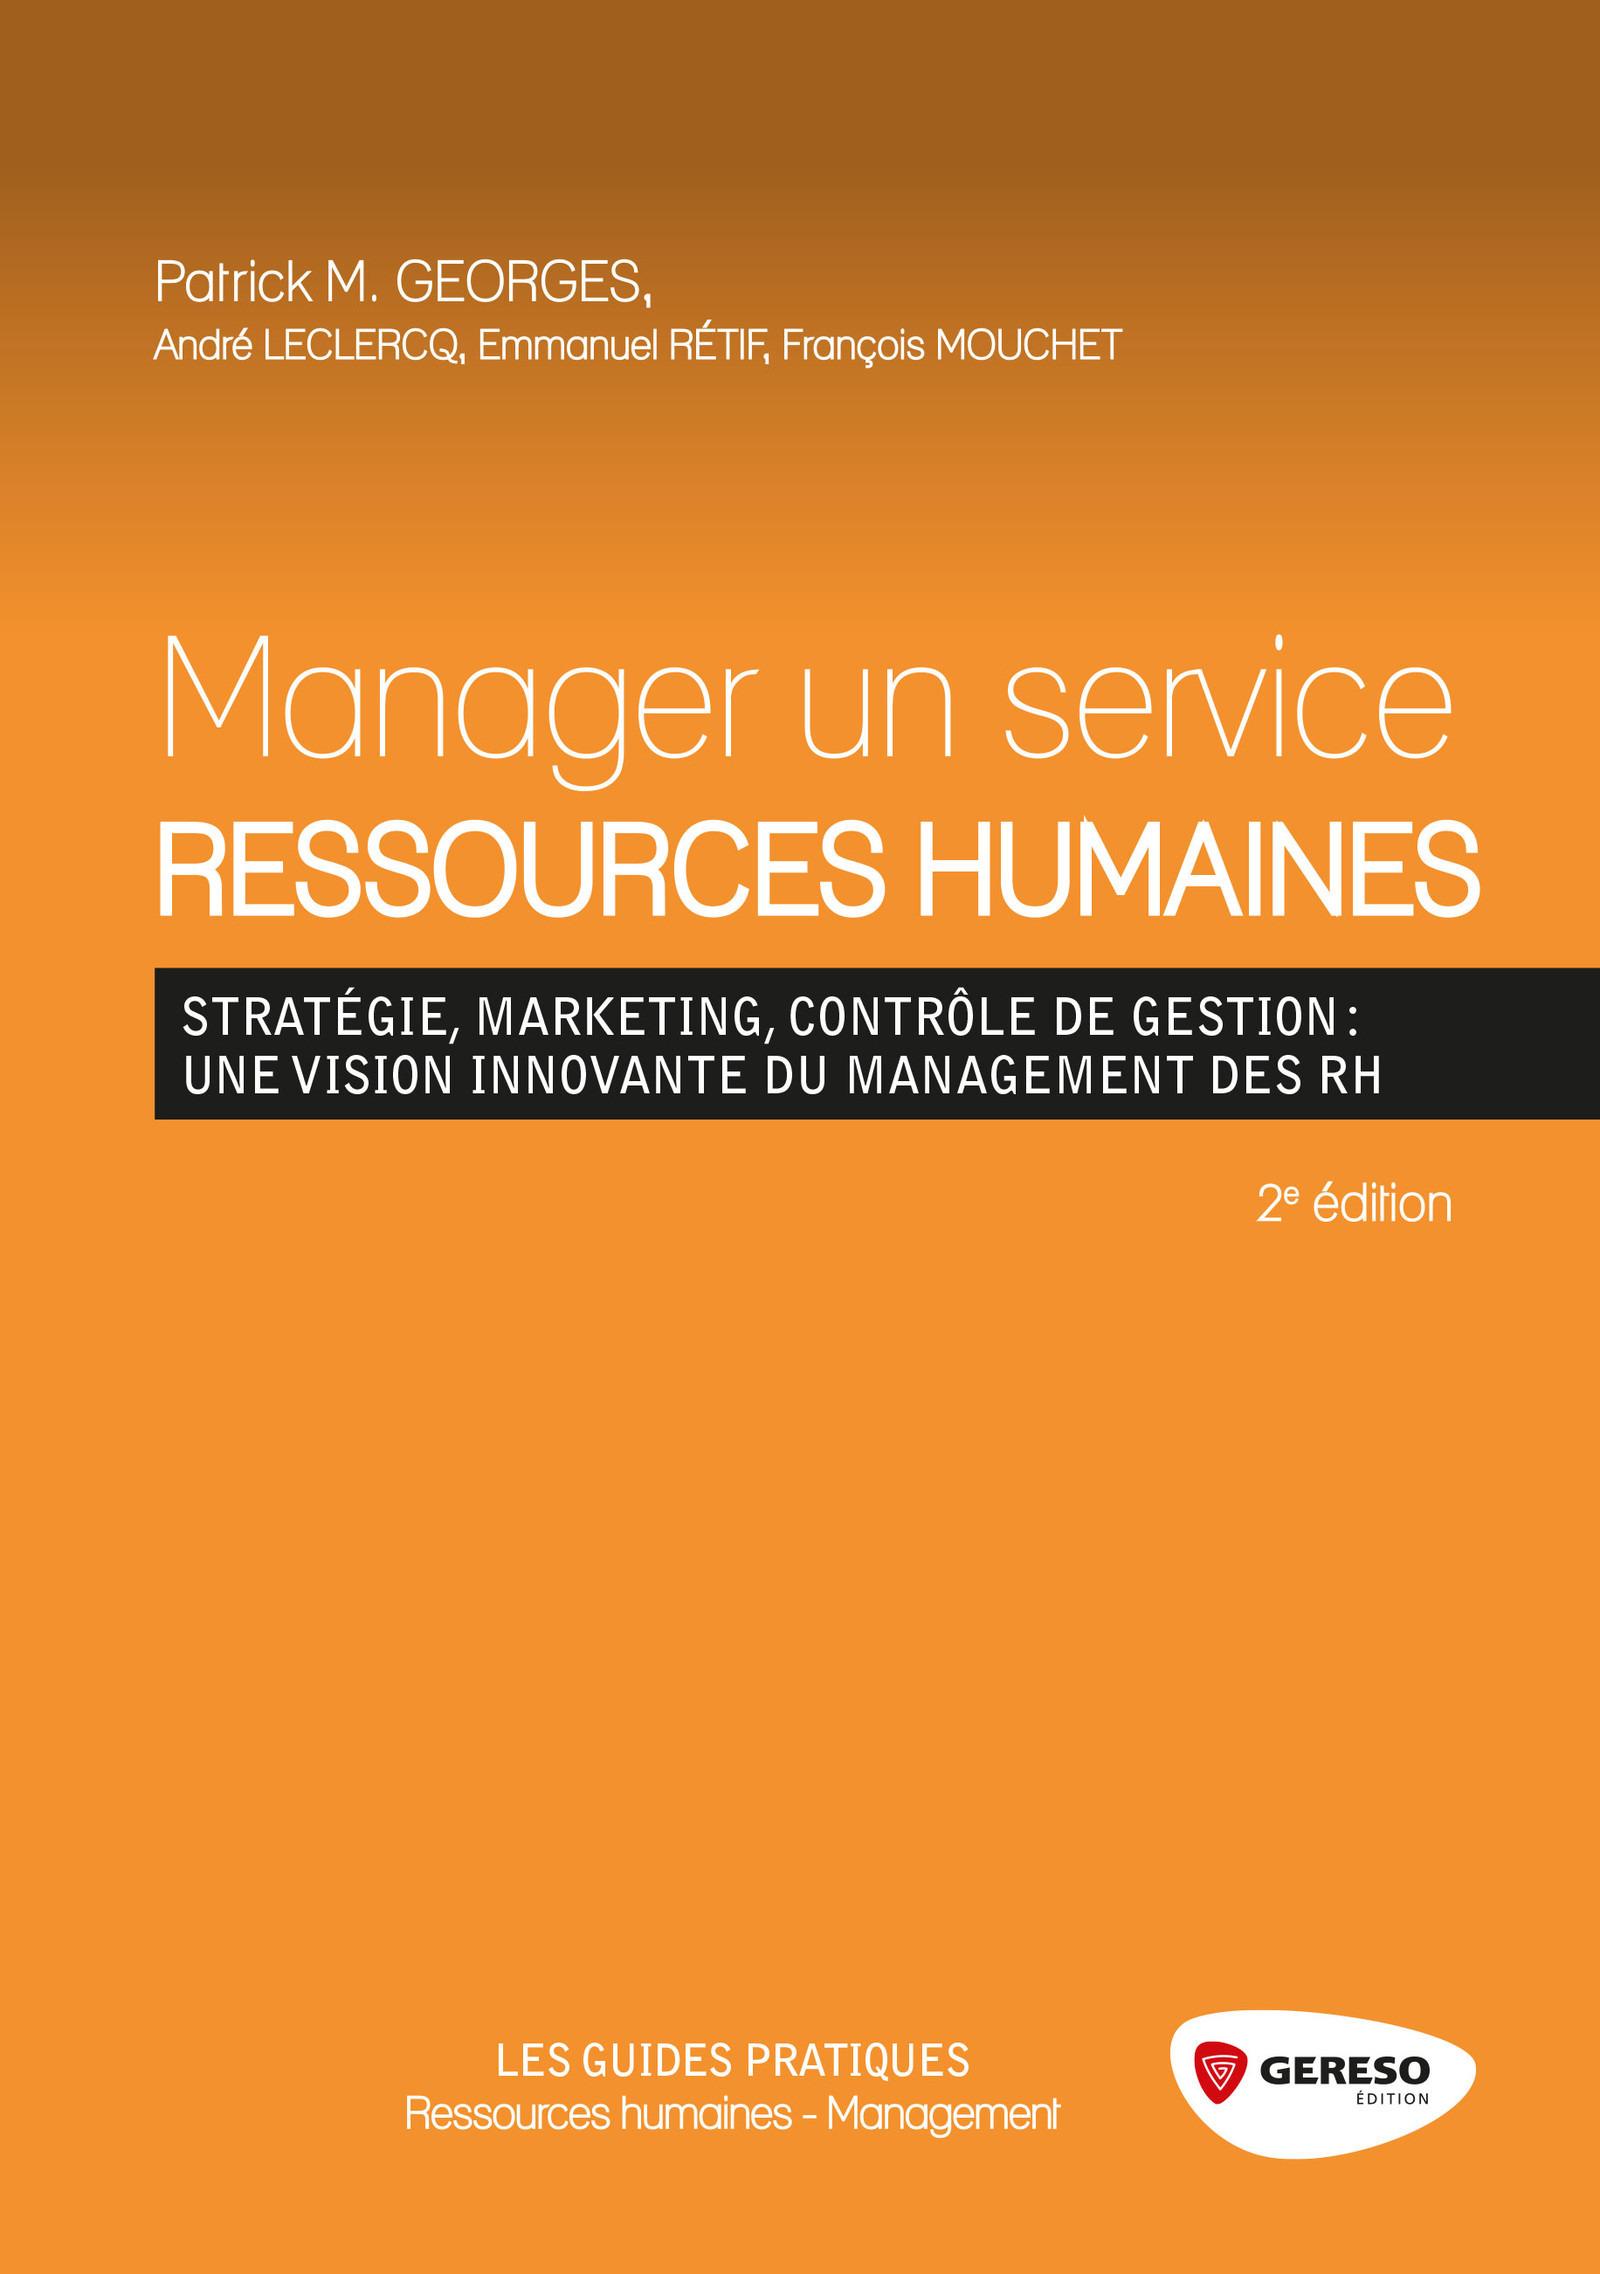 Manager un service ressources humaines (2e édition)